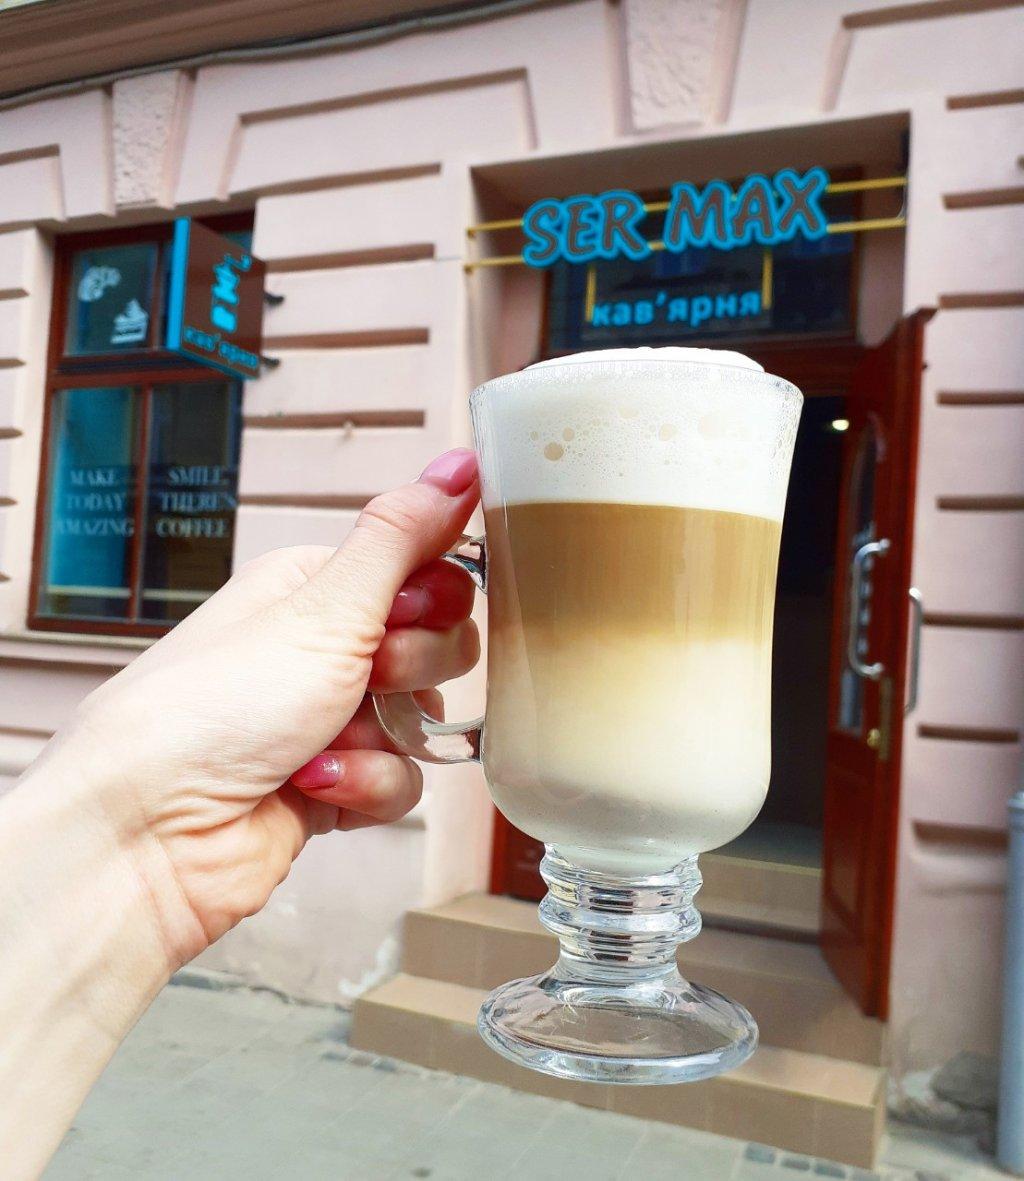 Сеть кофеен Ser MAX - ВКУСНЫЙ РАФ. СЕМЕЙНАЯ, УЮТНАЯ КОФЕЙНЯ.